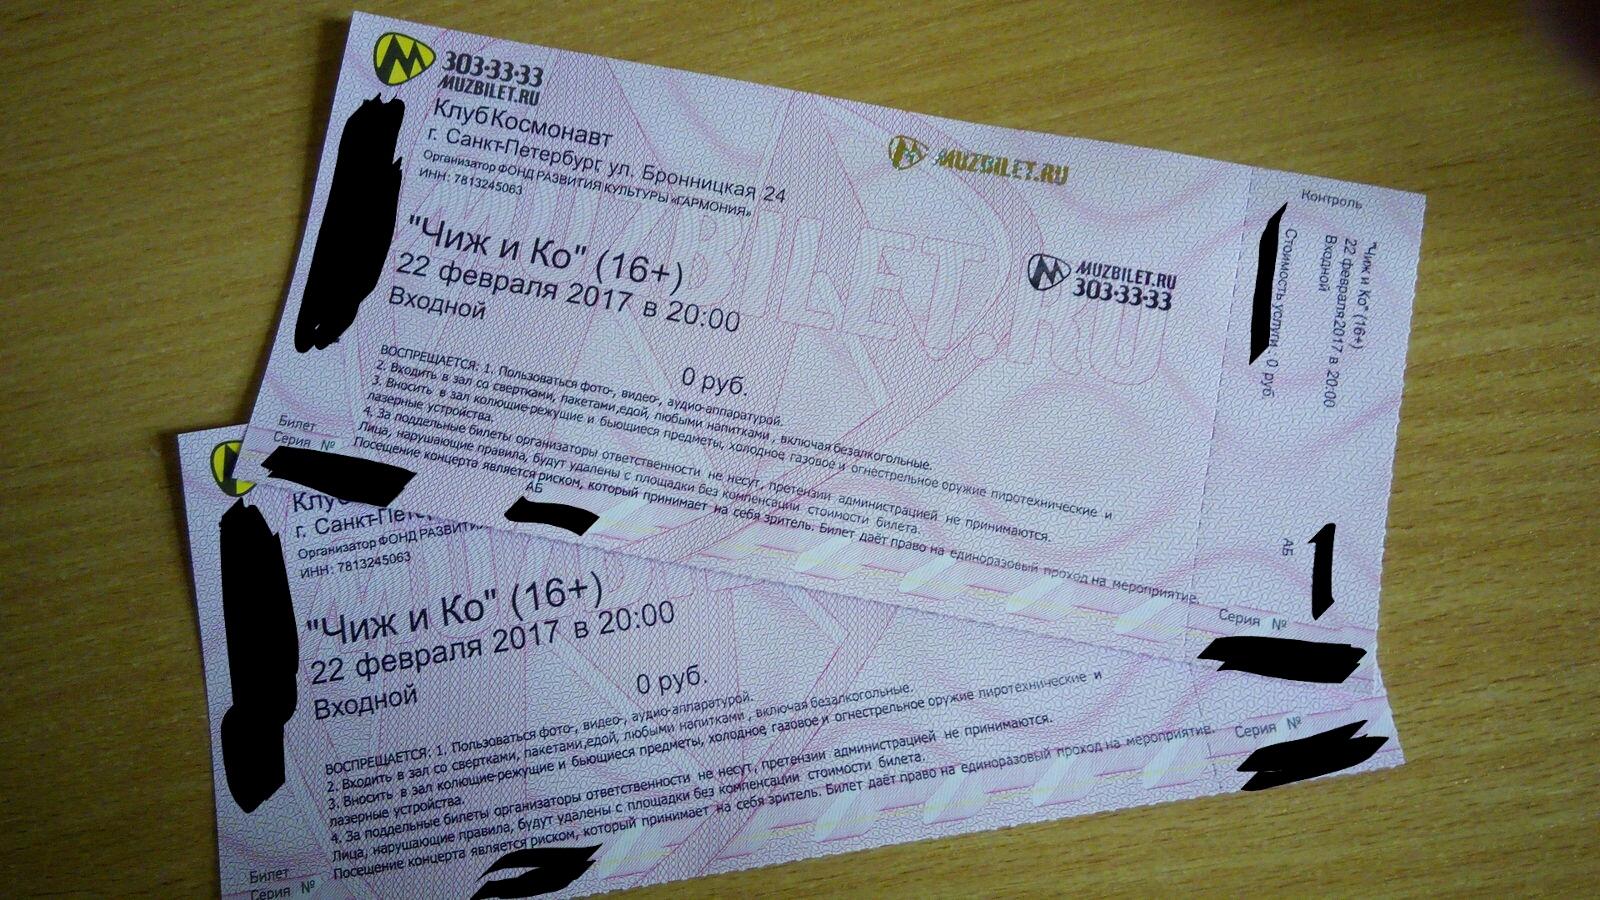 Билеты спб на концерт афиша театров на январь 2017 в уфе